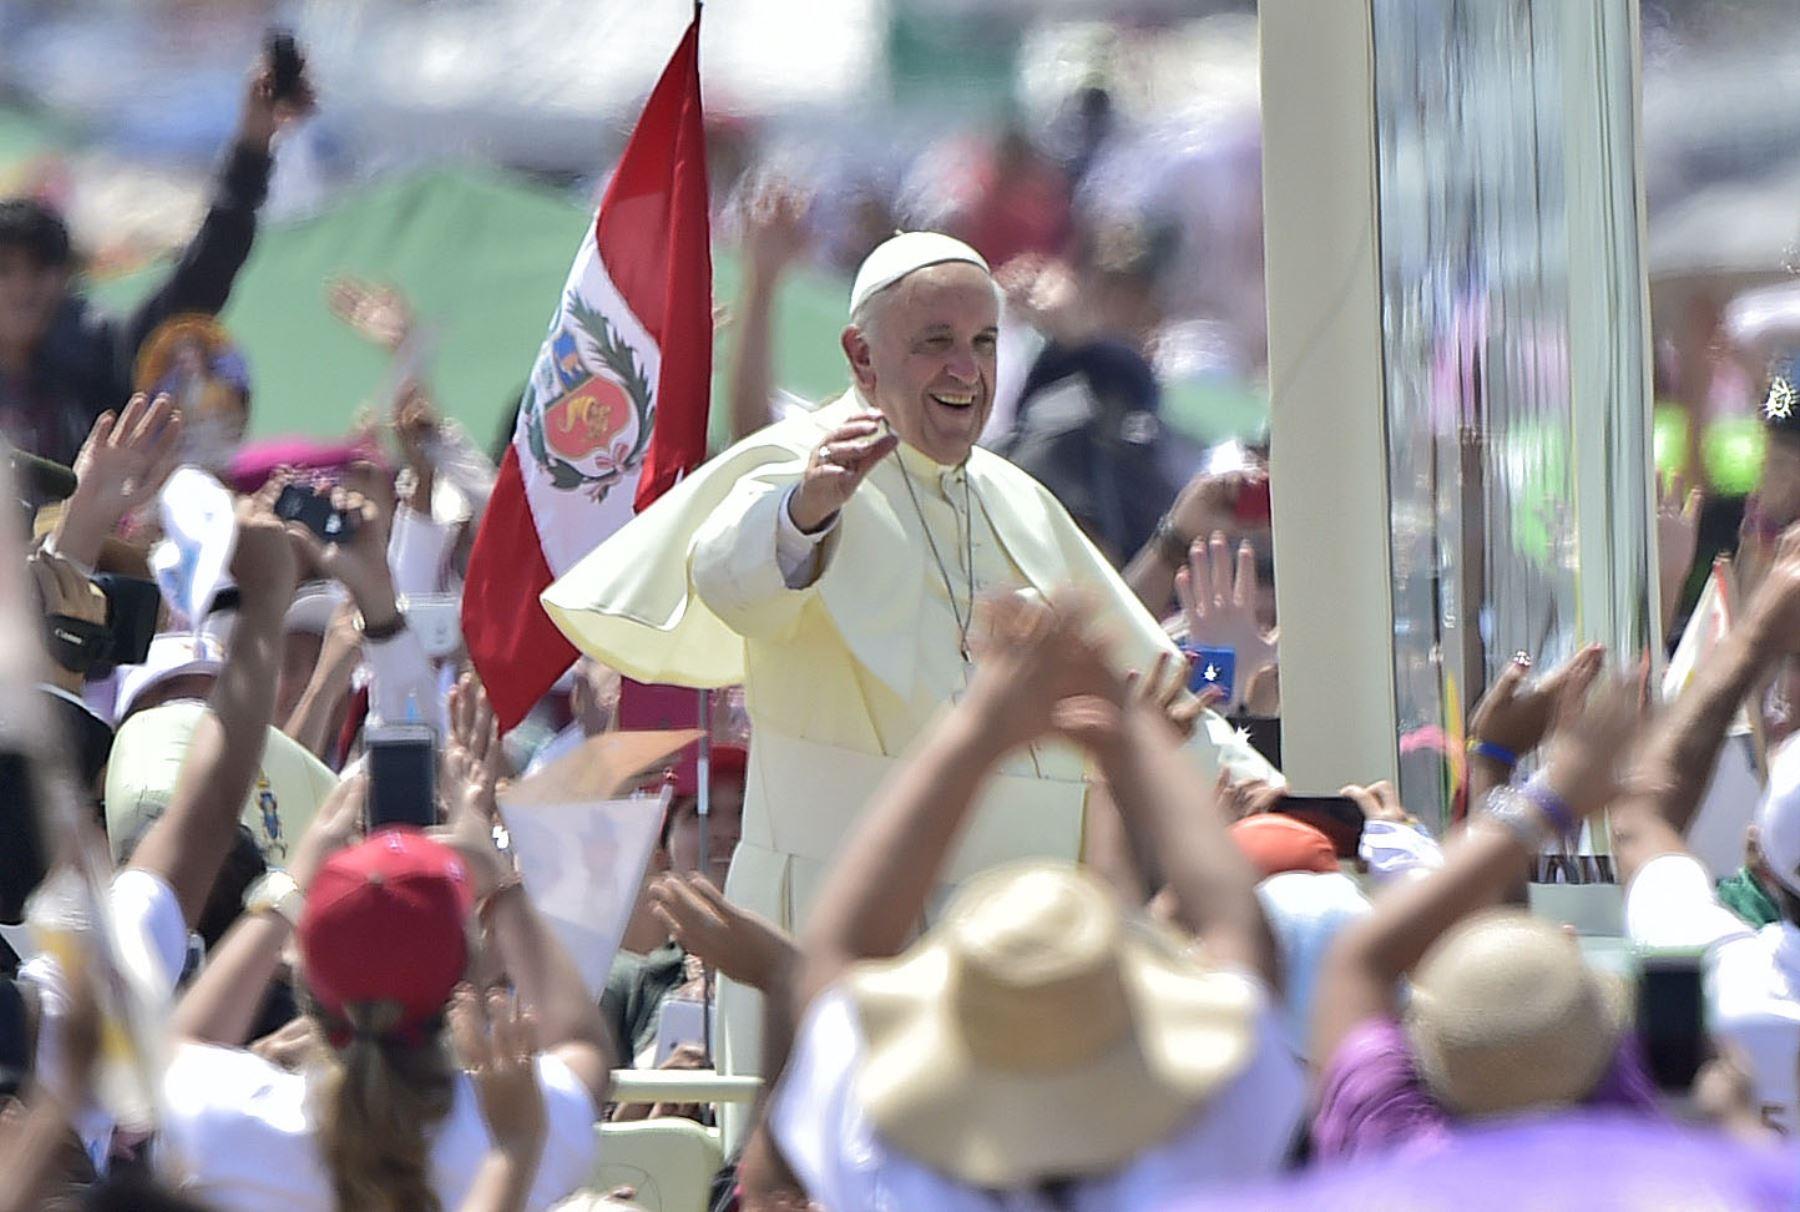 A la fecha suman 34 las imágenes veneradas por la feligresía católica procedentes de Piura, Lambayeque, Cajamarca, Amazonas, y Áncash que estarán presentes en el gran recibimiento que el norte peruano hará al Papa Francisco durante su visita pastoral a Trujillo. AFP